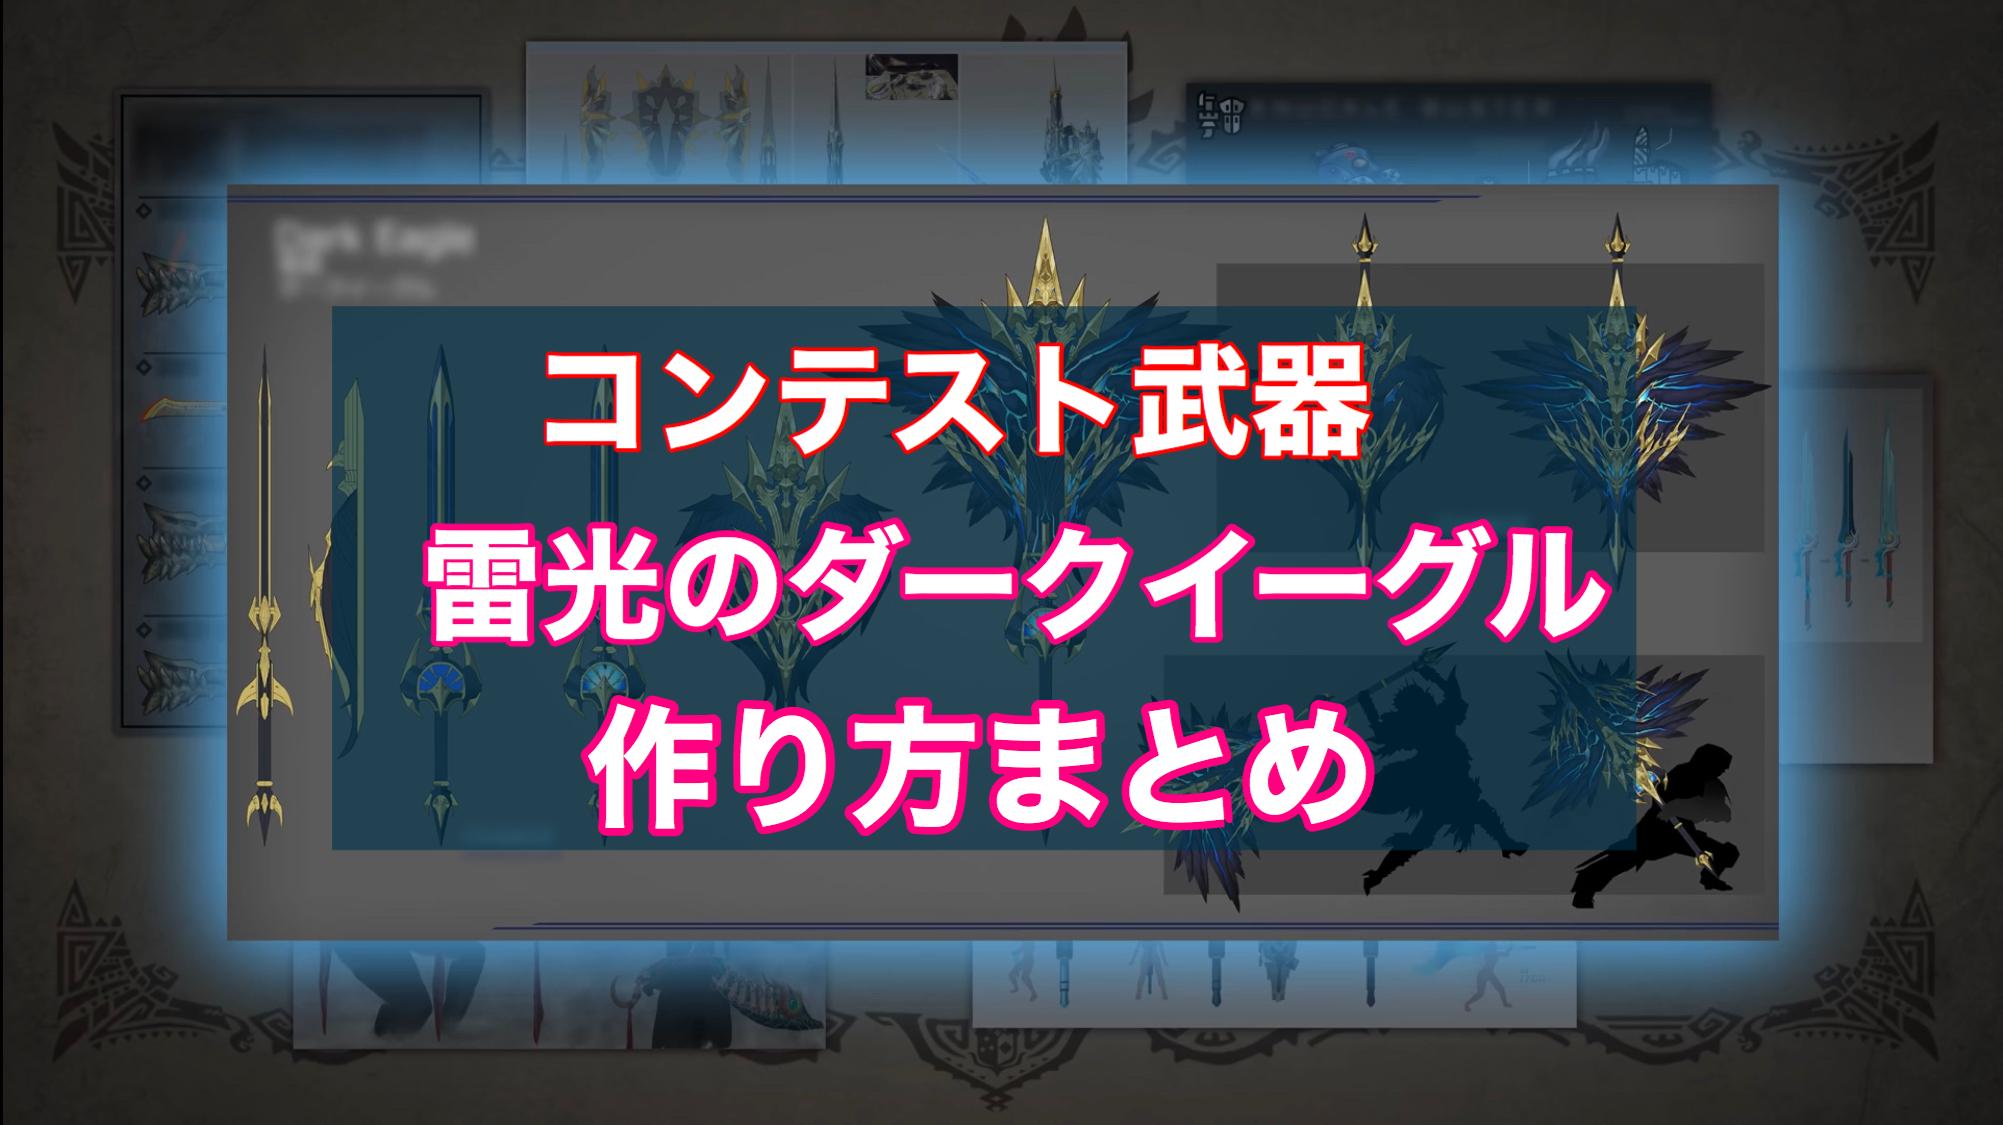 【MHWI】コンテスト武器作成クエスト「ハンター達の永い夢Ⅲ」まとめ